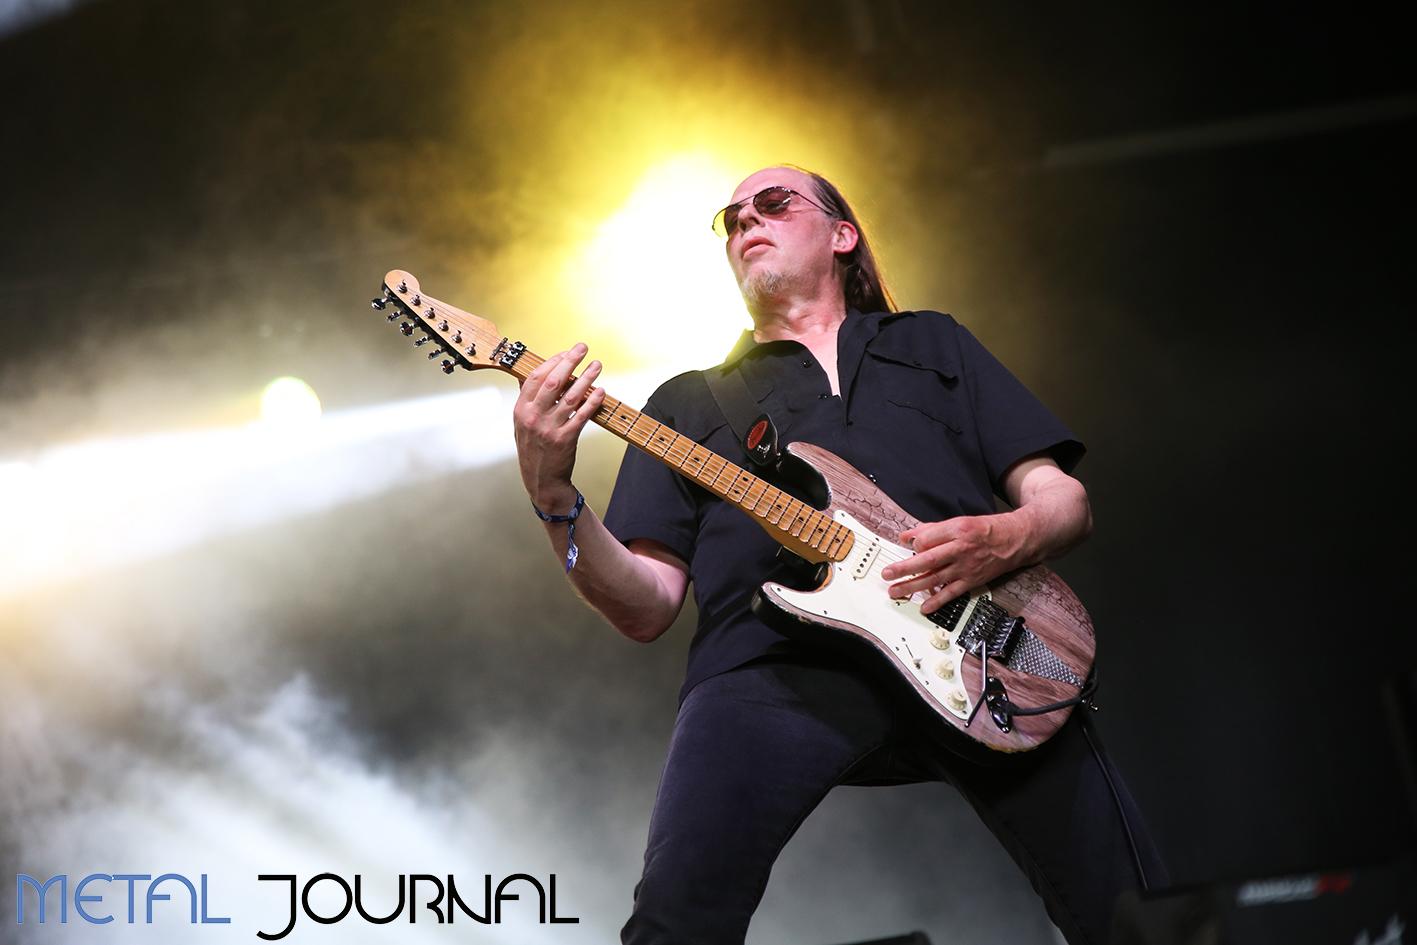 candlemass - metal journal rock fest barcelona 2019 pic 7